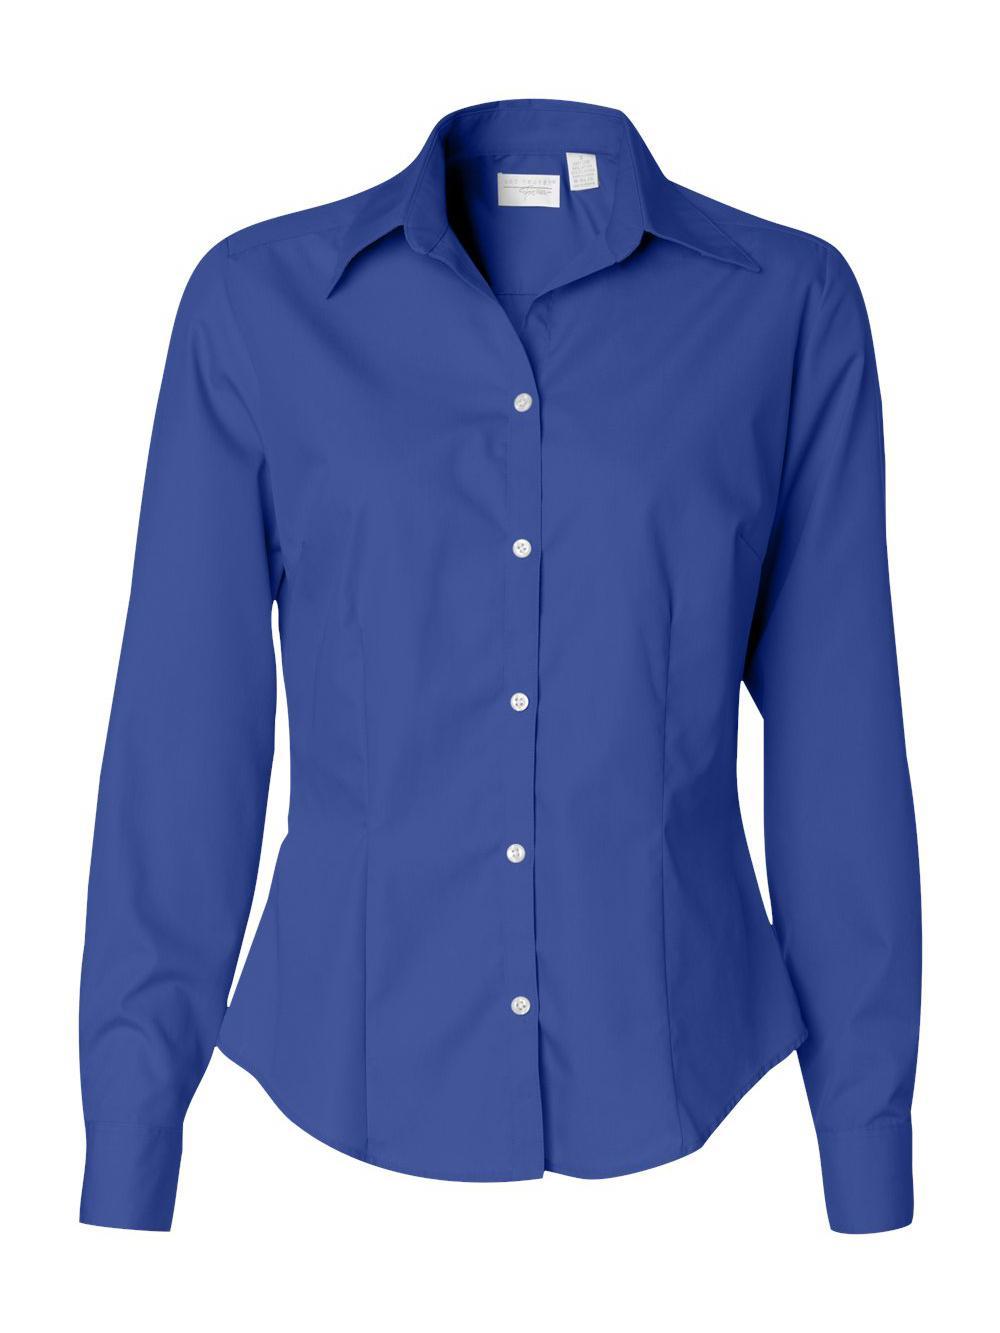 Van-Heusen-Women-039-s-Silky-Poplin-Shirt-13V0114 thumbnail 9